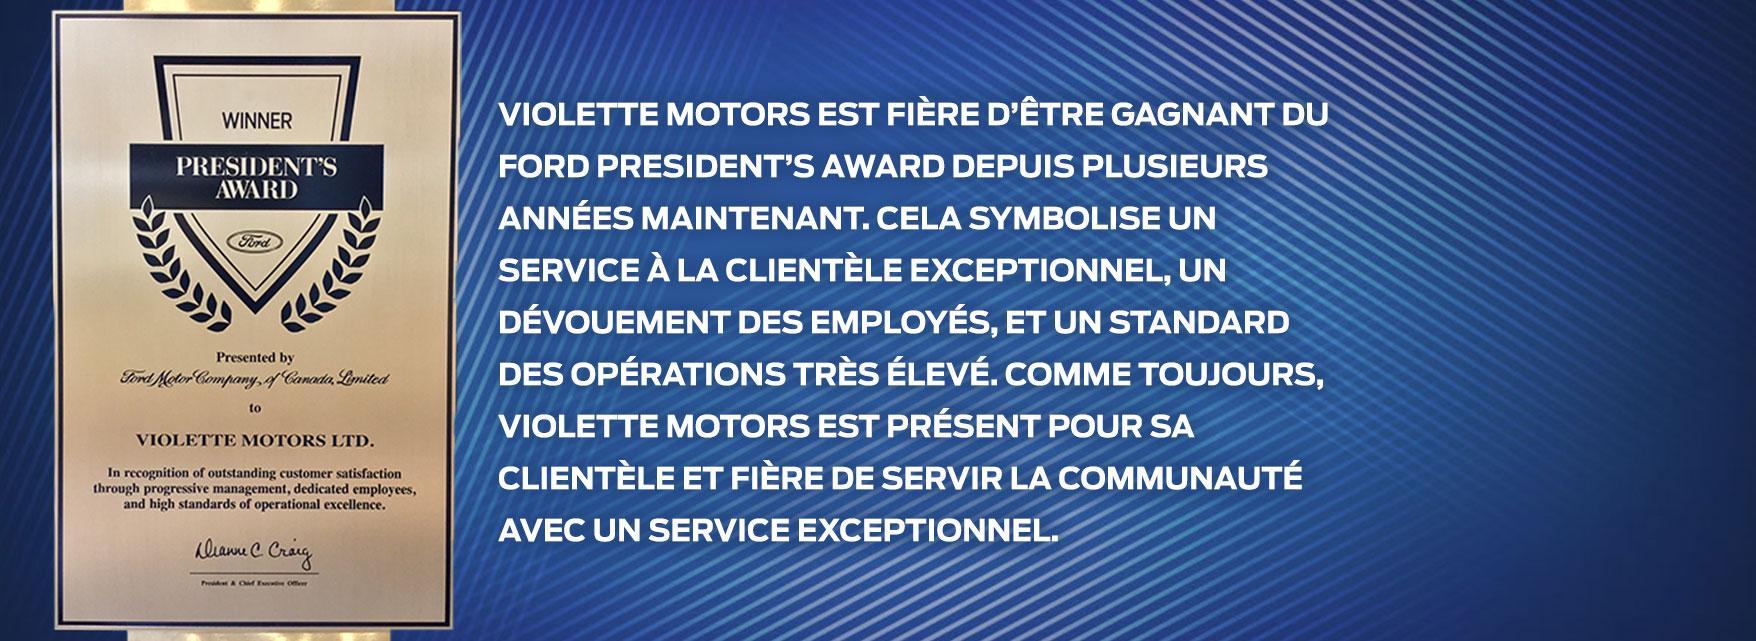 Violette Motors service client